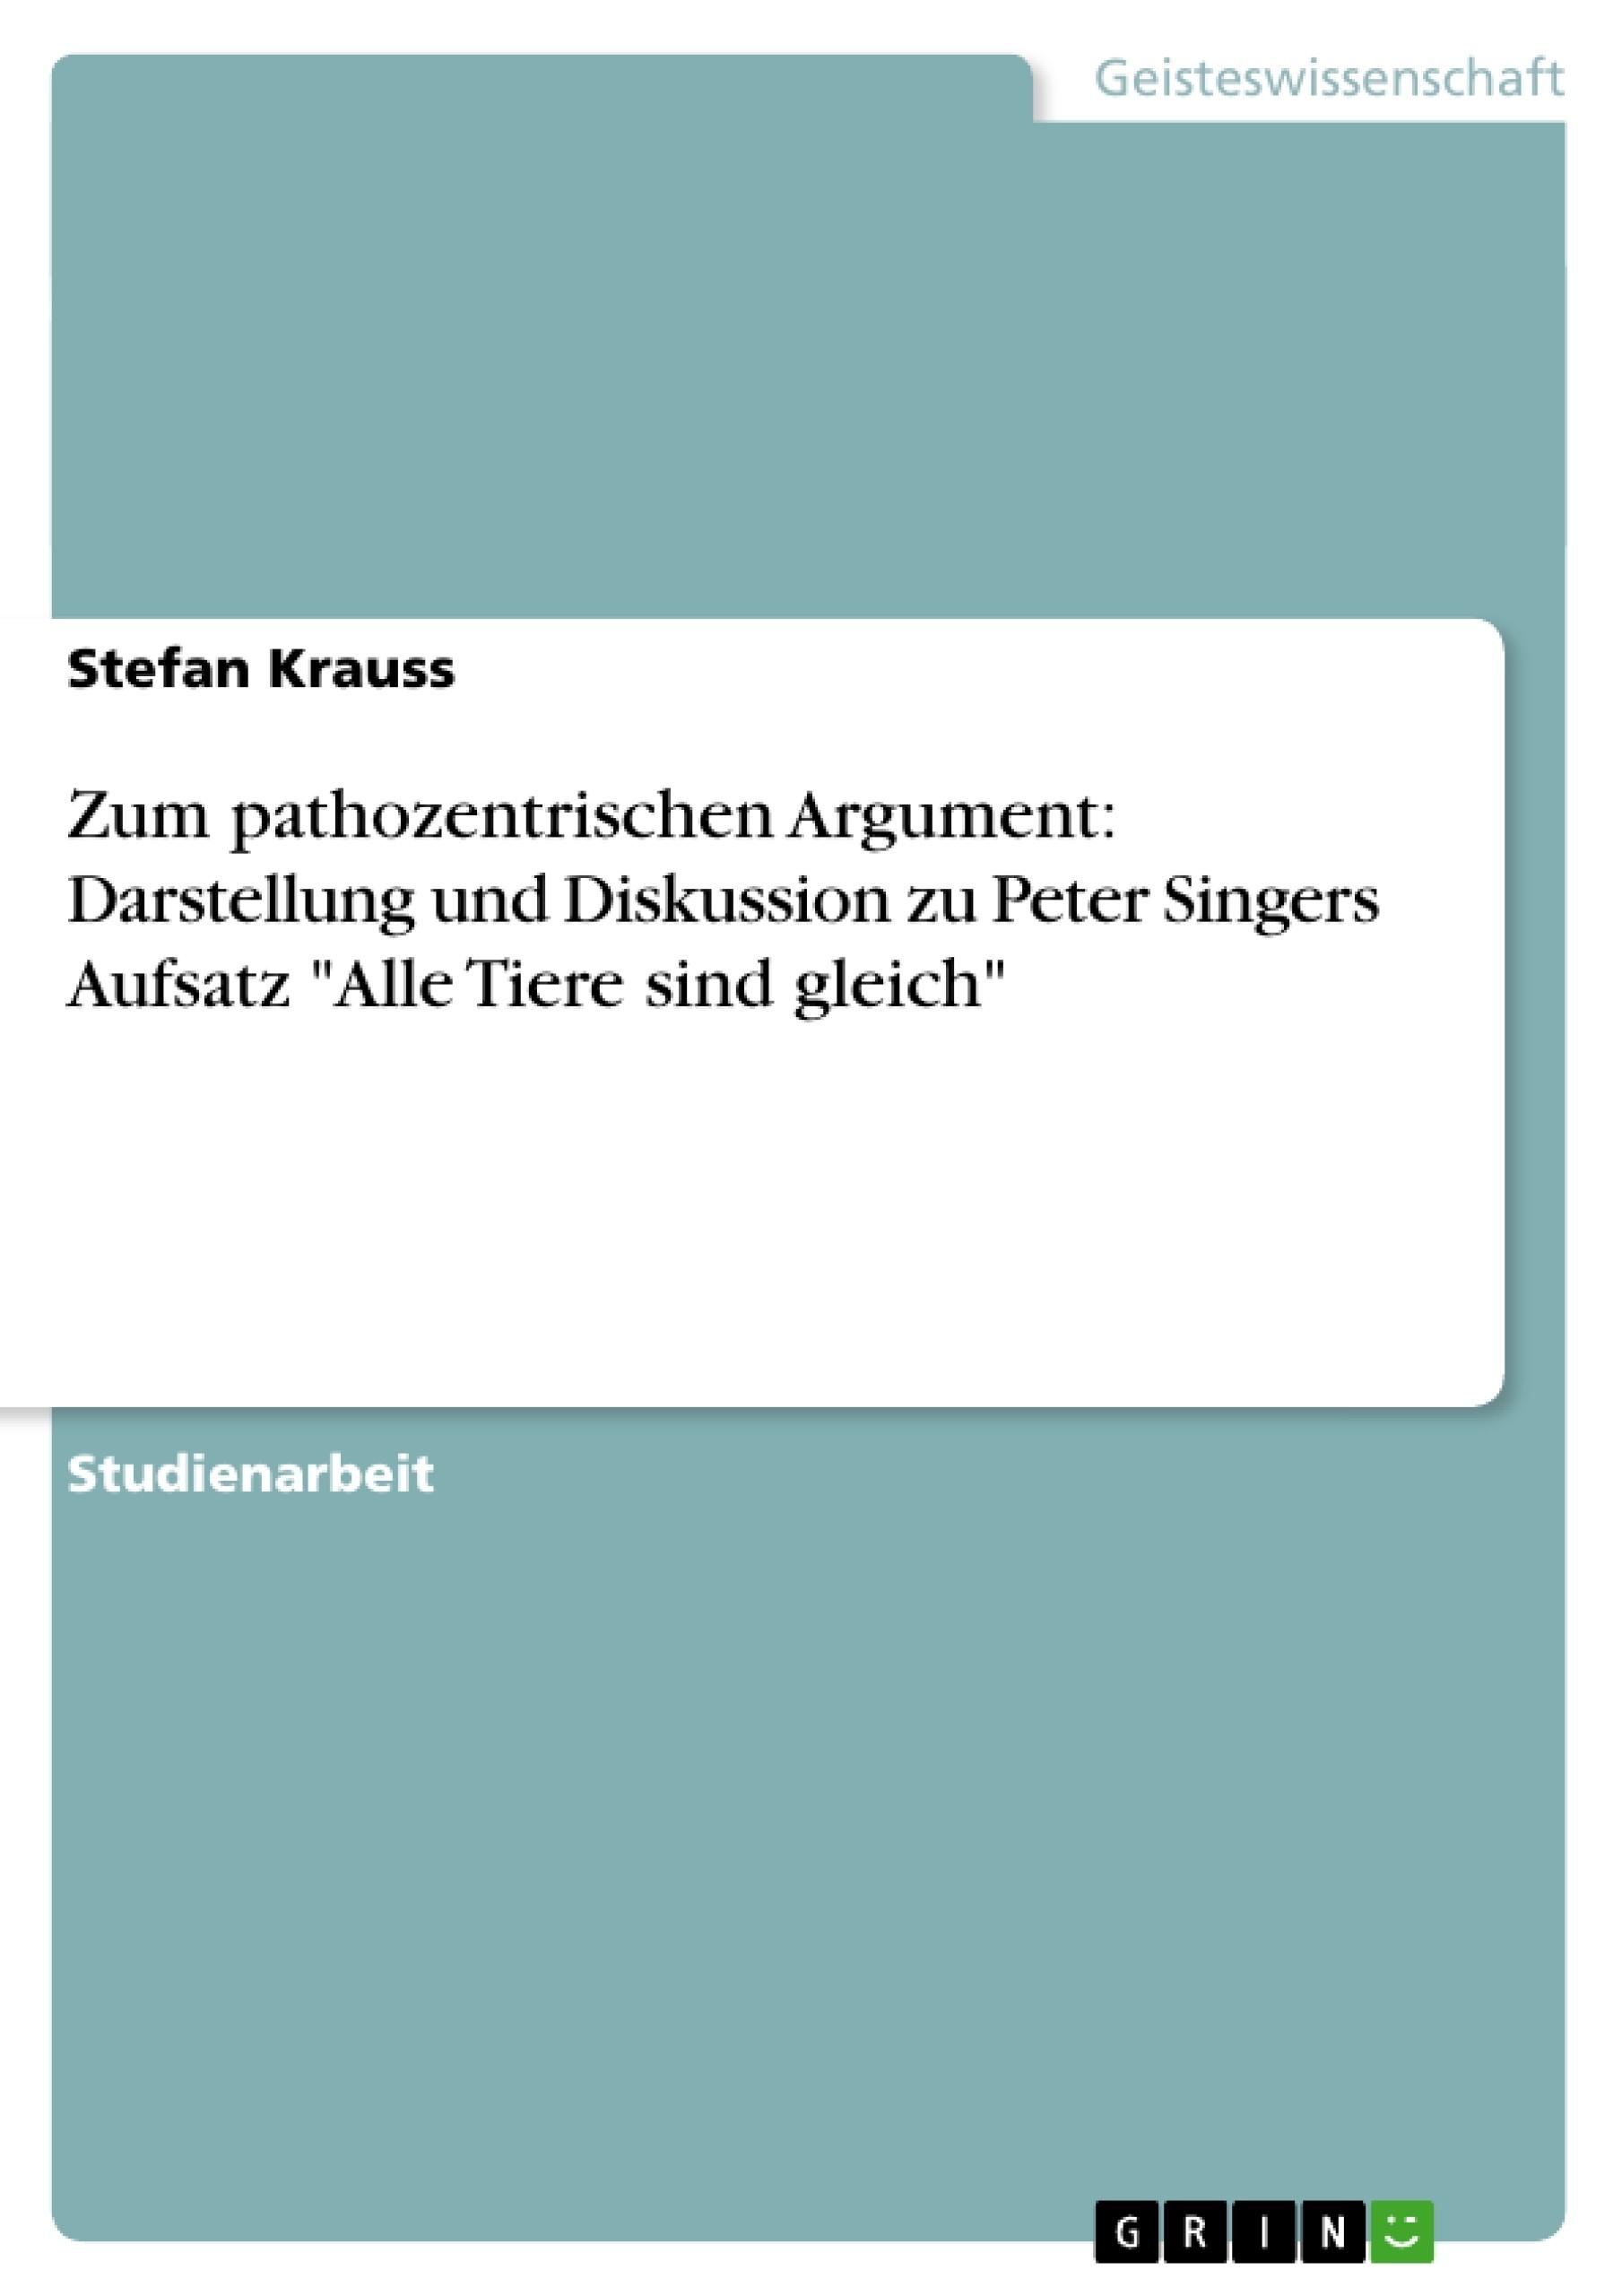 """Titel: Zum pathozentrischen Argument: Darstellung und Diskussion  zu Peter Singers Aufsatz """"Alle Tiere sind gleich"""""""